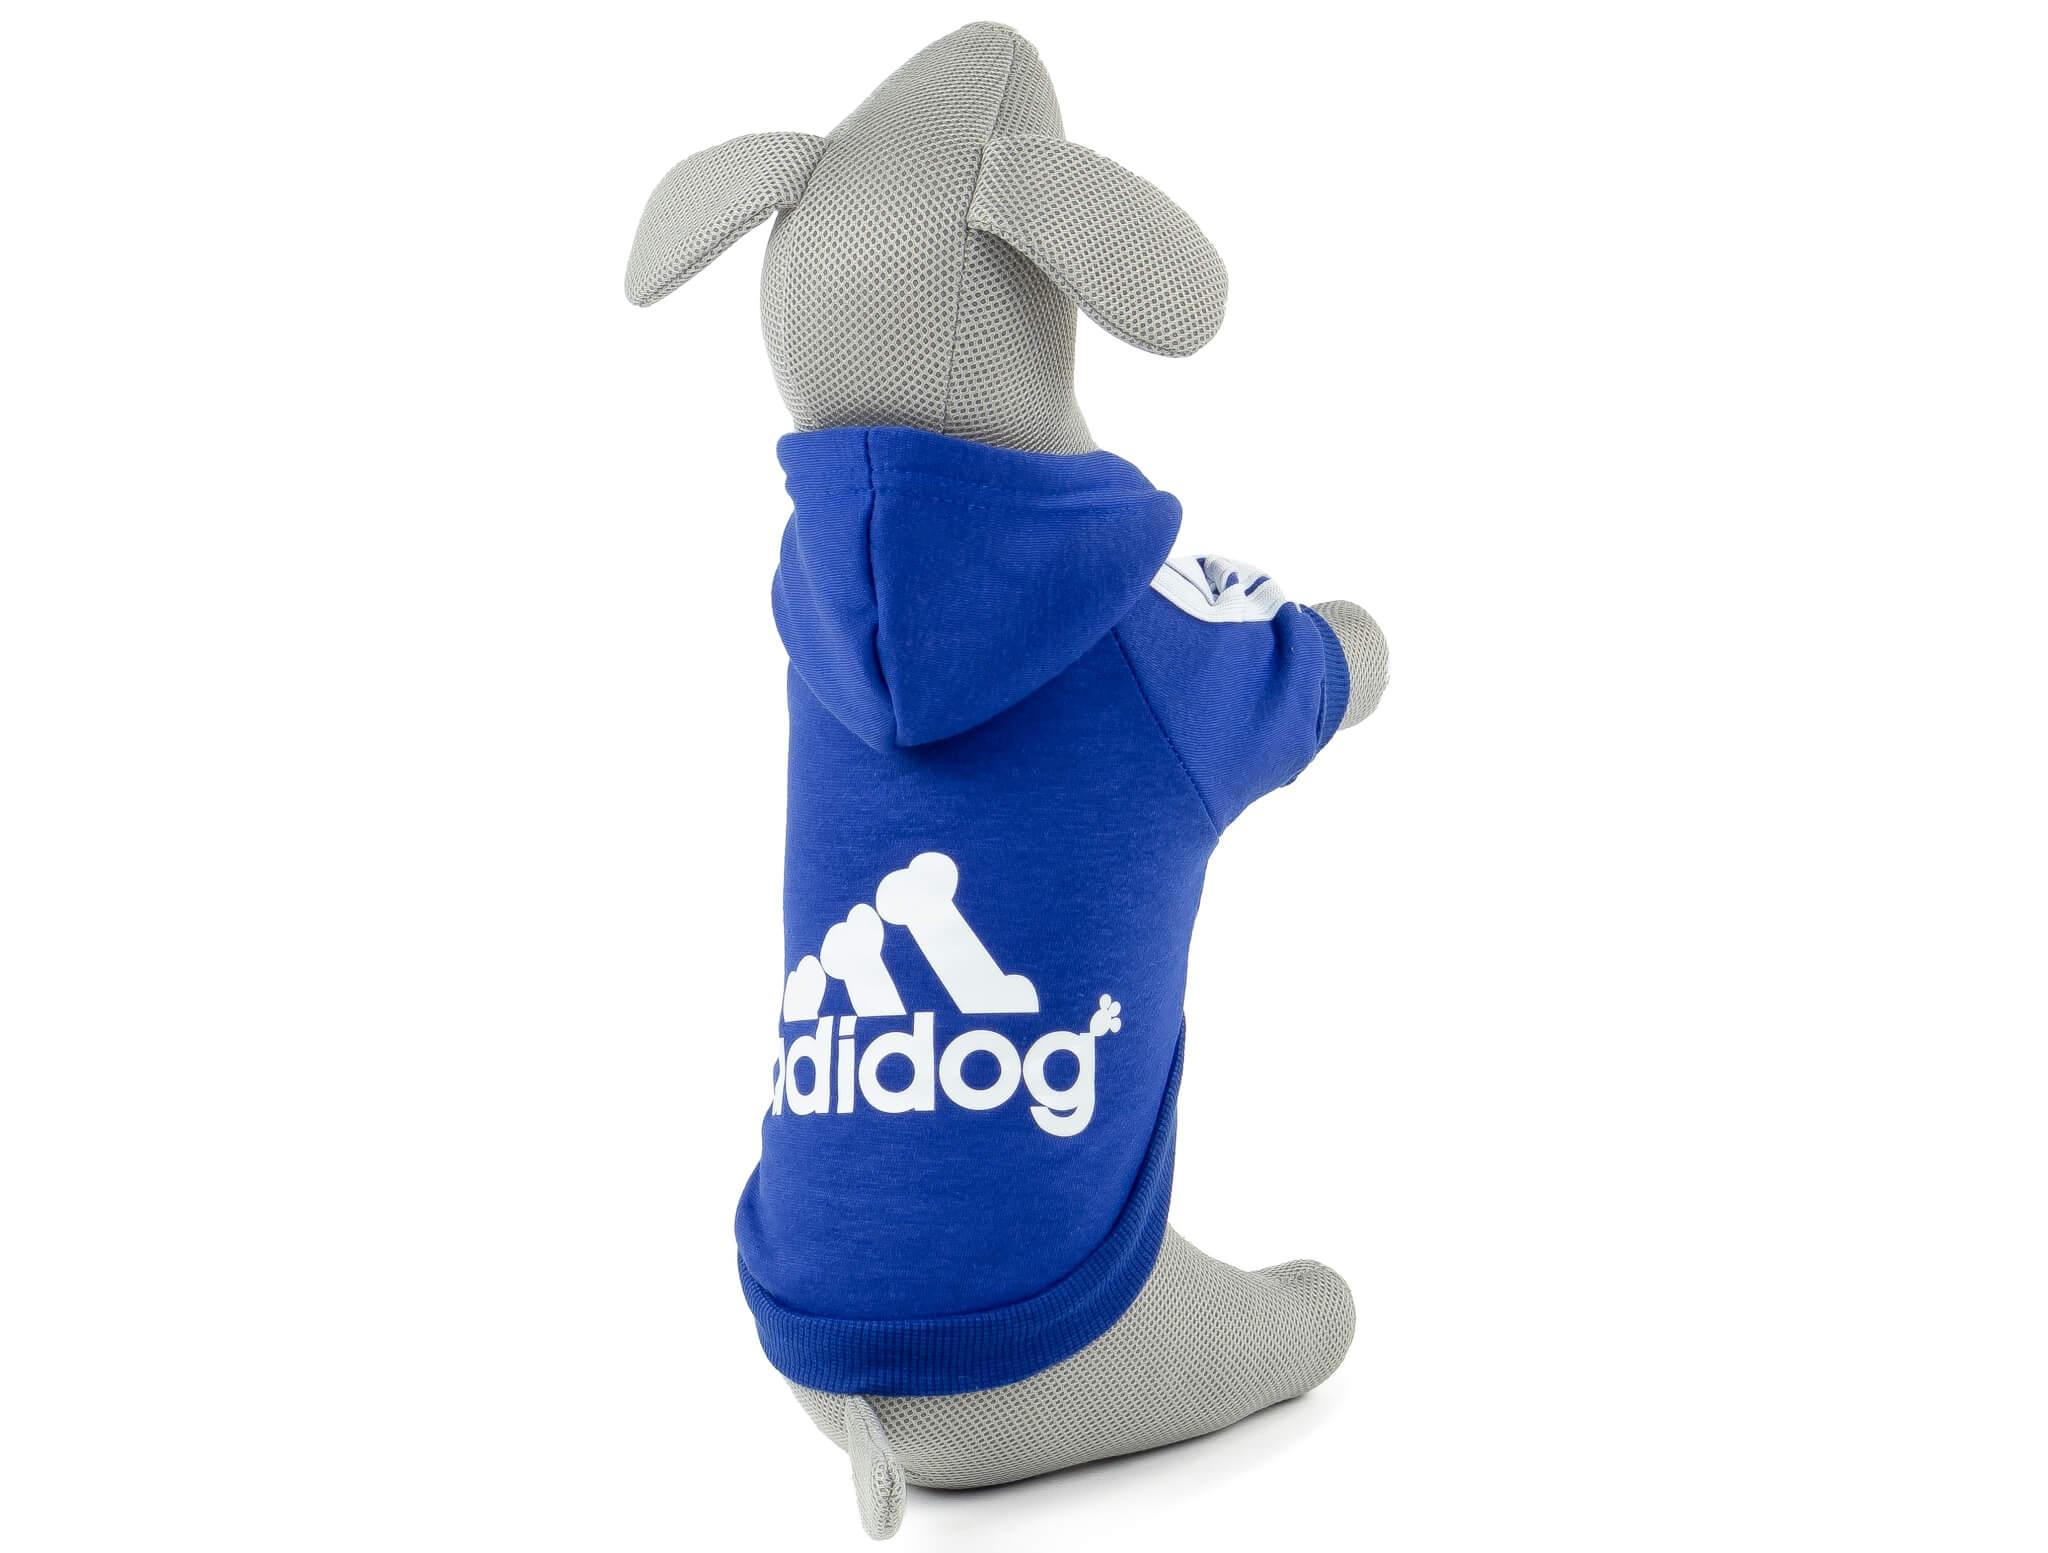 Vsepropejska Adidog modrá mikina pro psa Délka zad psa: 25 cm, Obvod hrudníku: 28 - 34 cm